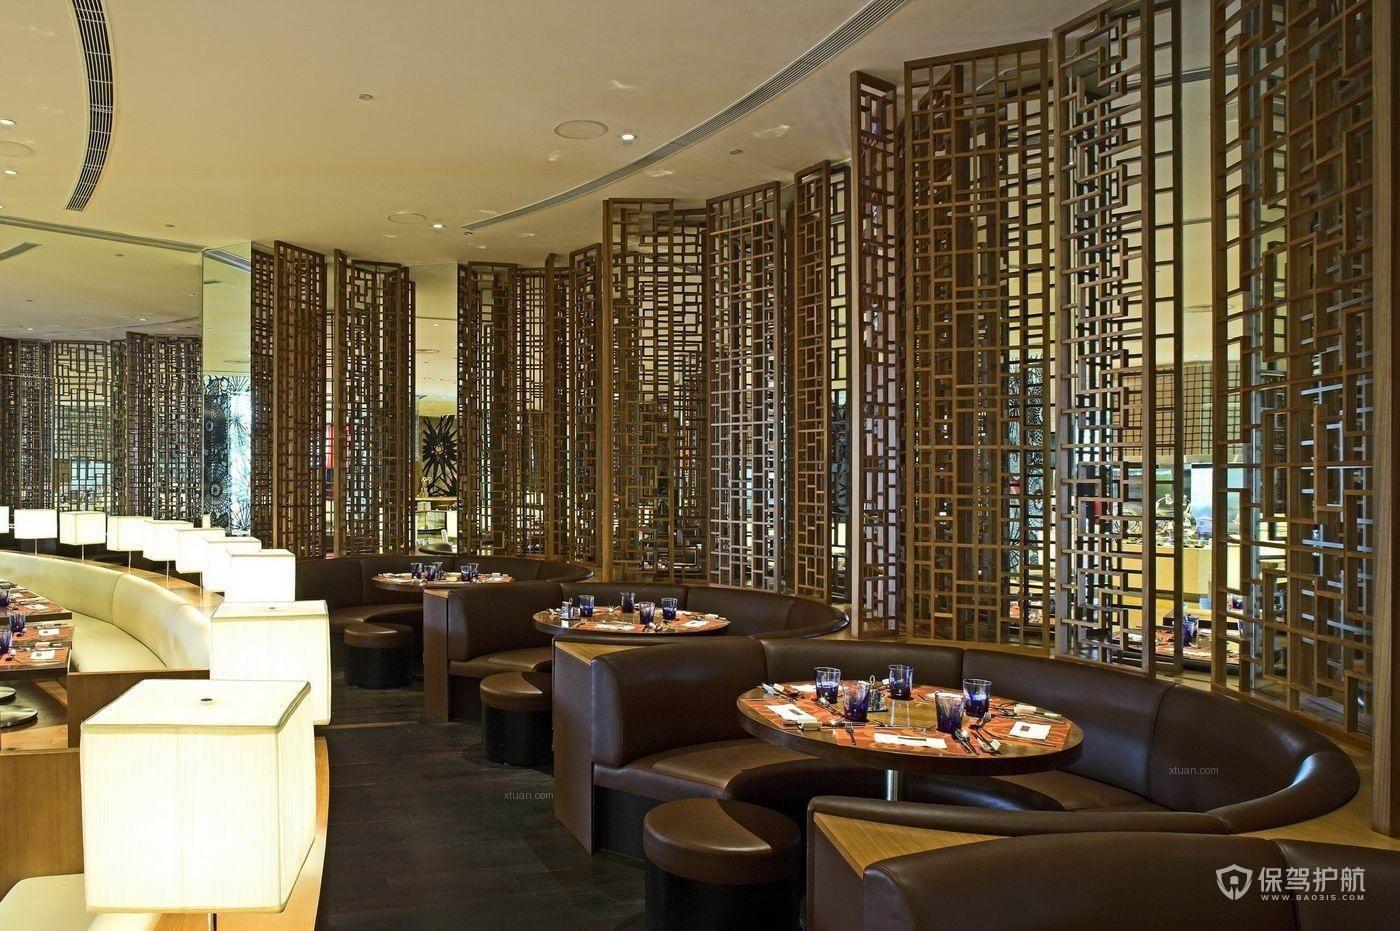 现代豪华餐厅装修效果图